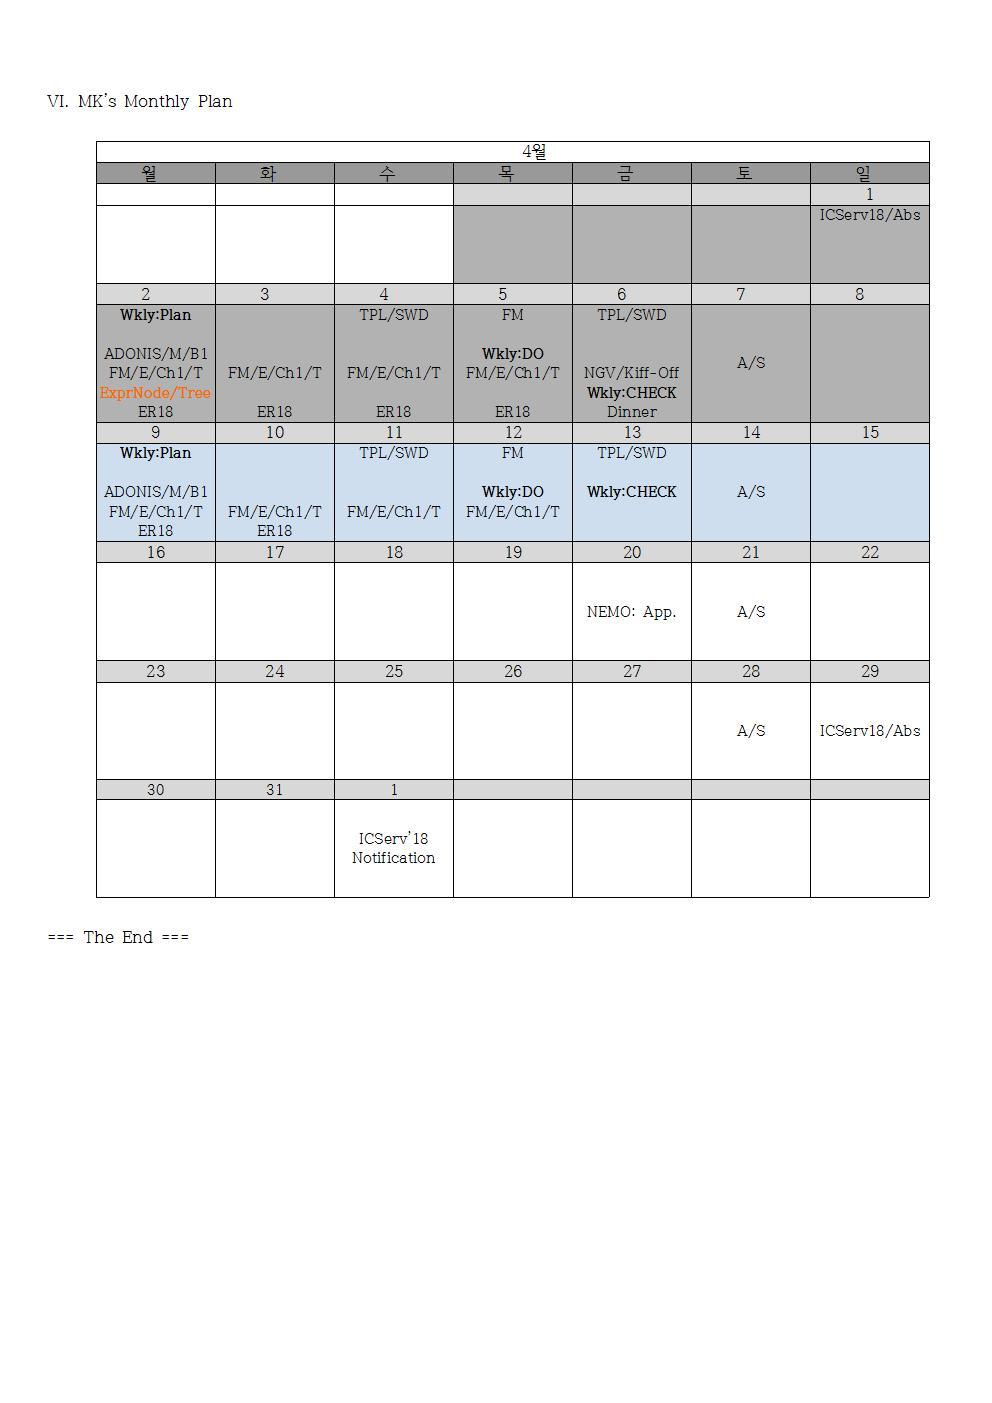 1-Mon-2018-04-09-PLAN-MK-Agenda003.jpg